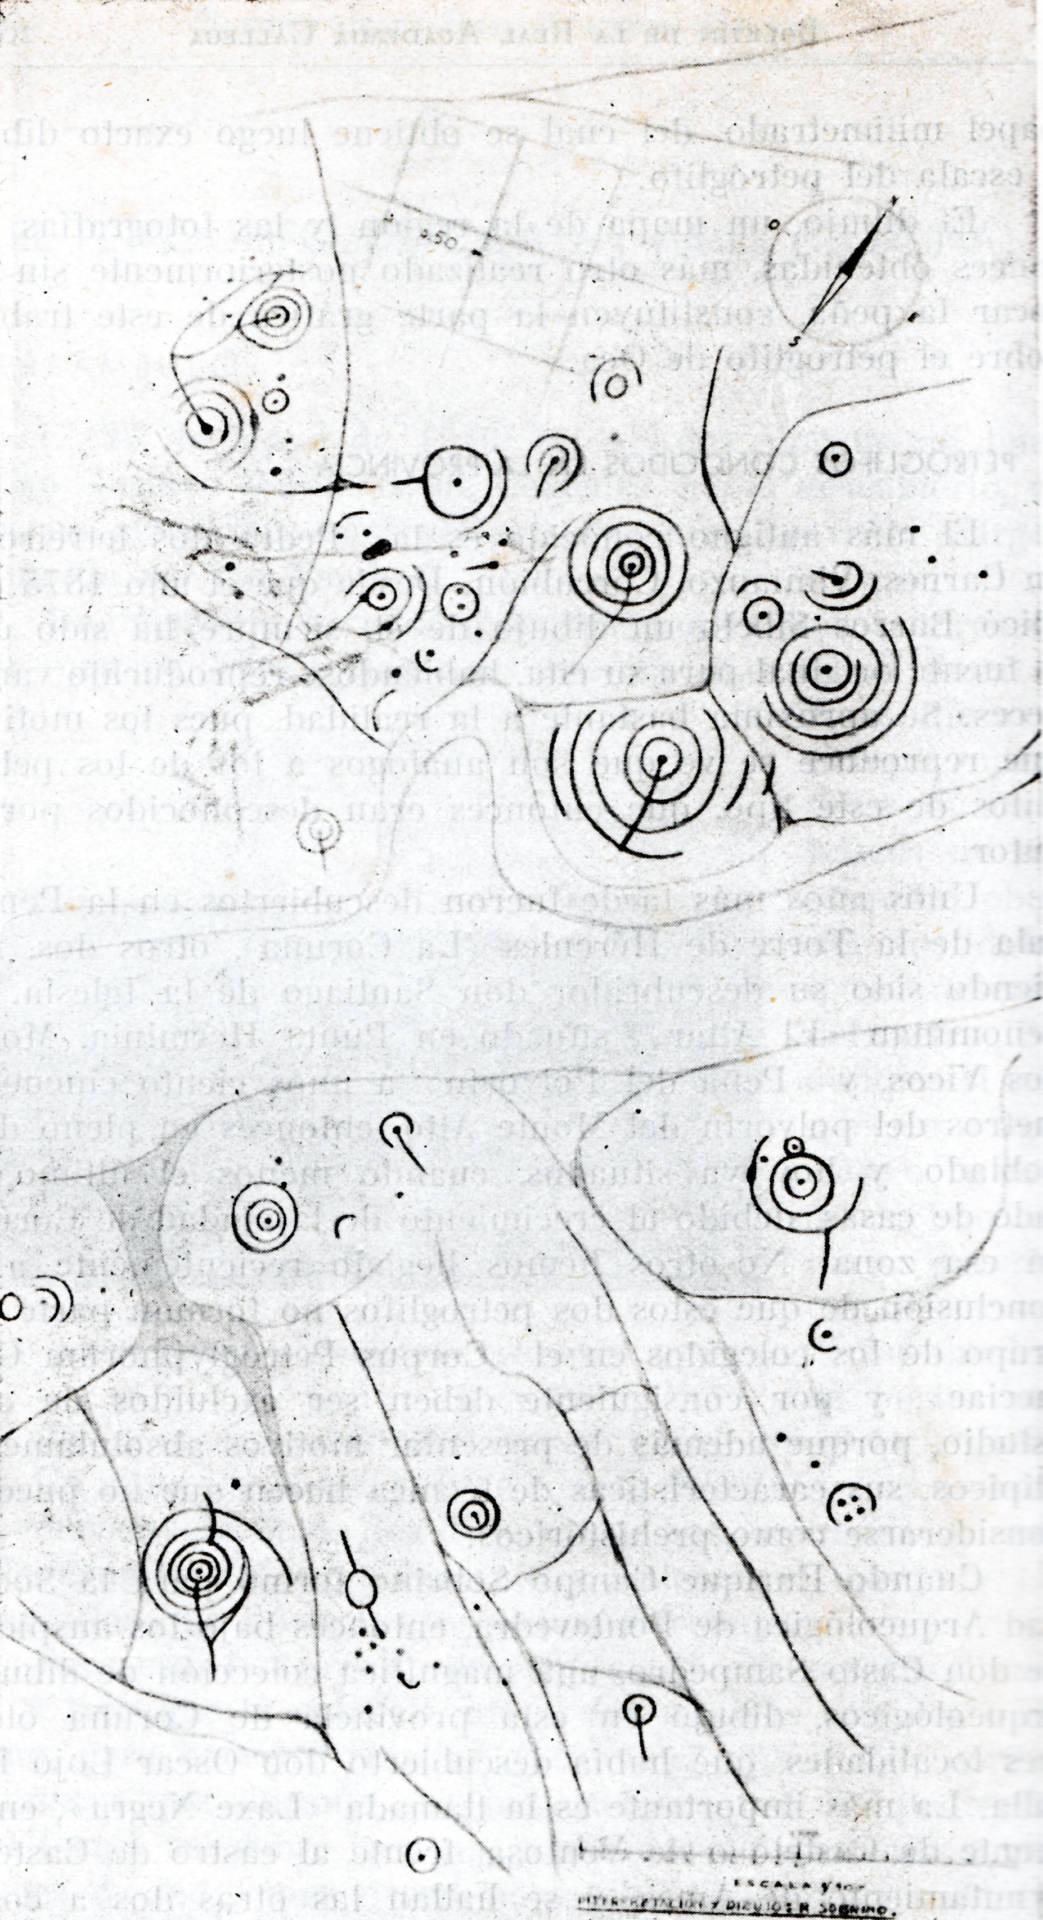 Calco do Petróglifo de Oca. Lorenzo-Ruza. 1946. Boletín de la Real Academia Gallega.